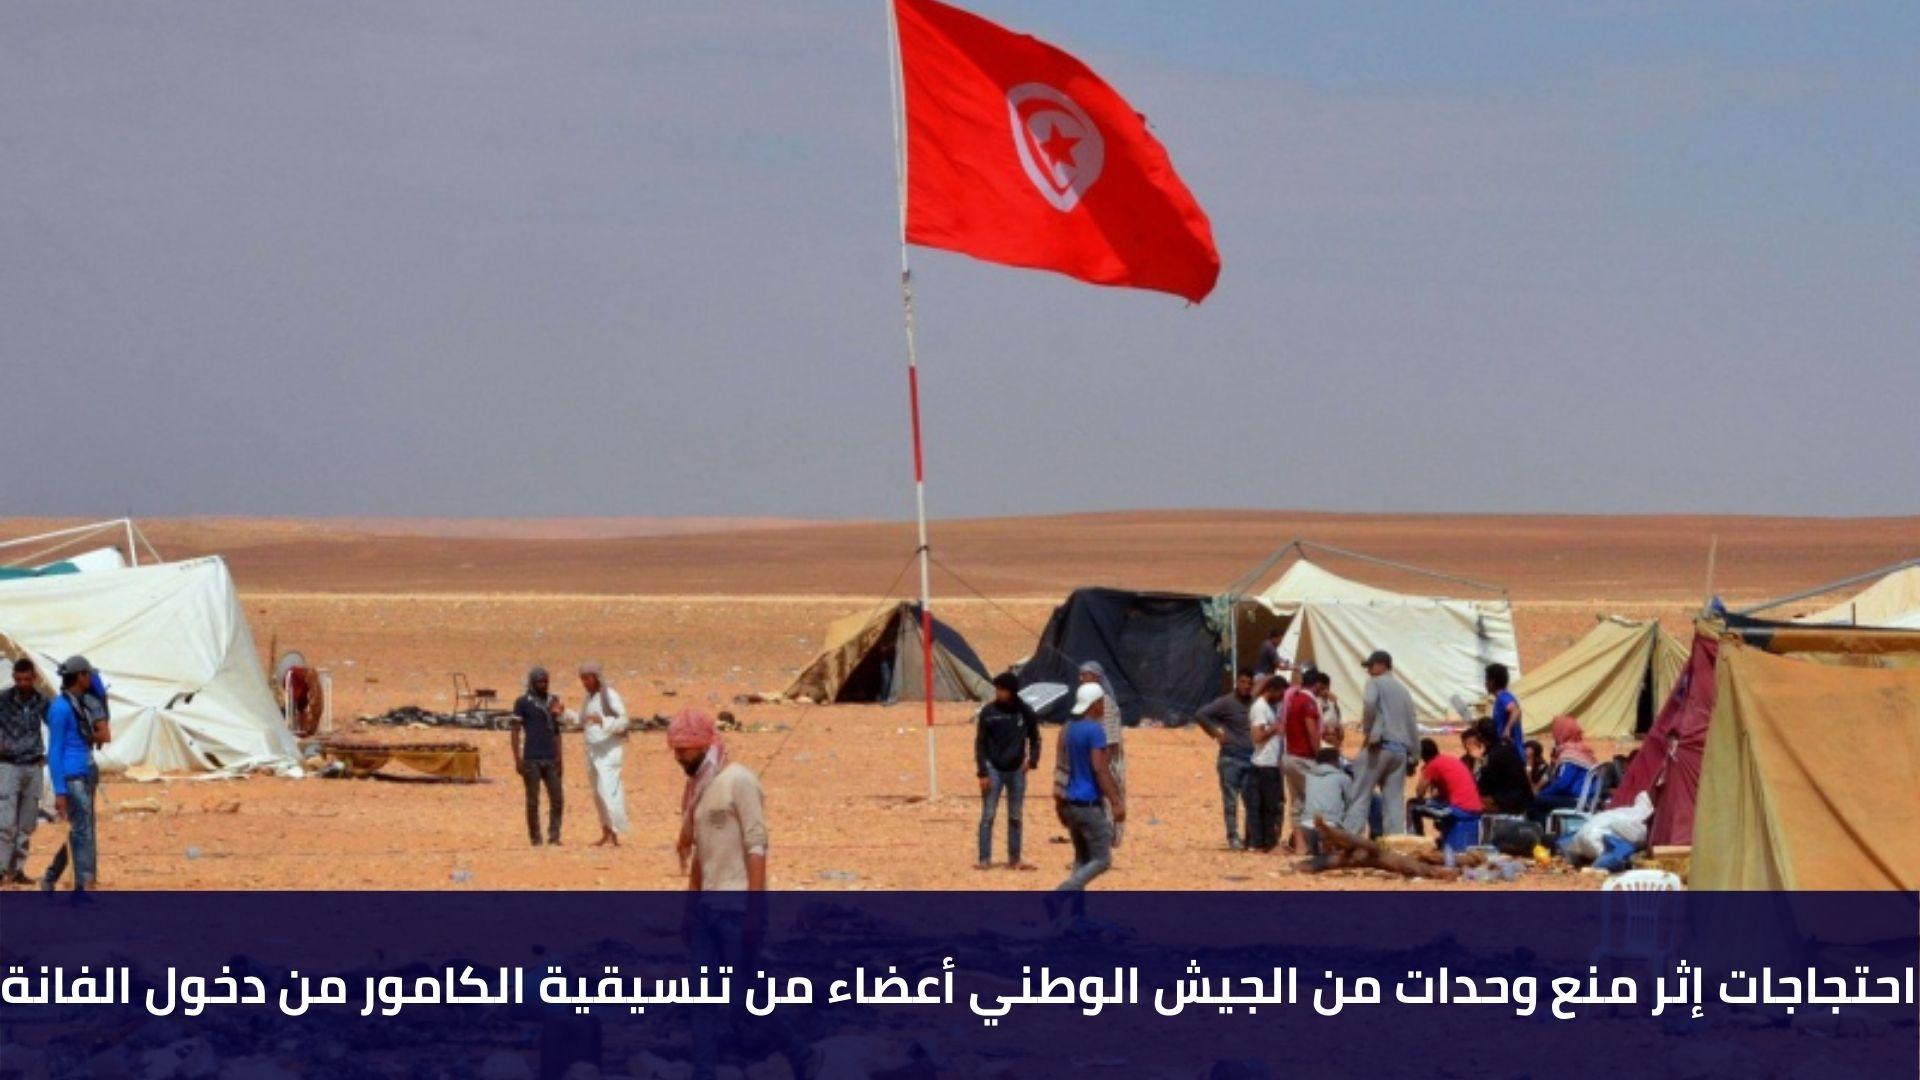 احتجاجات إثر منع وحدات من الجيش الوطني أعضاء من تنسيقية الكامور من دخول الفانة